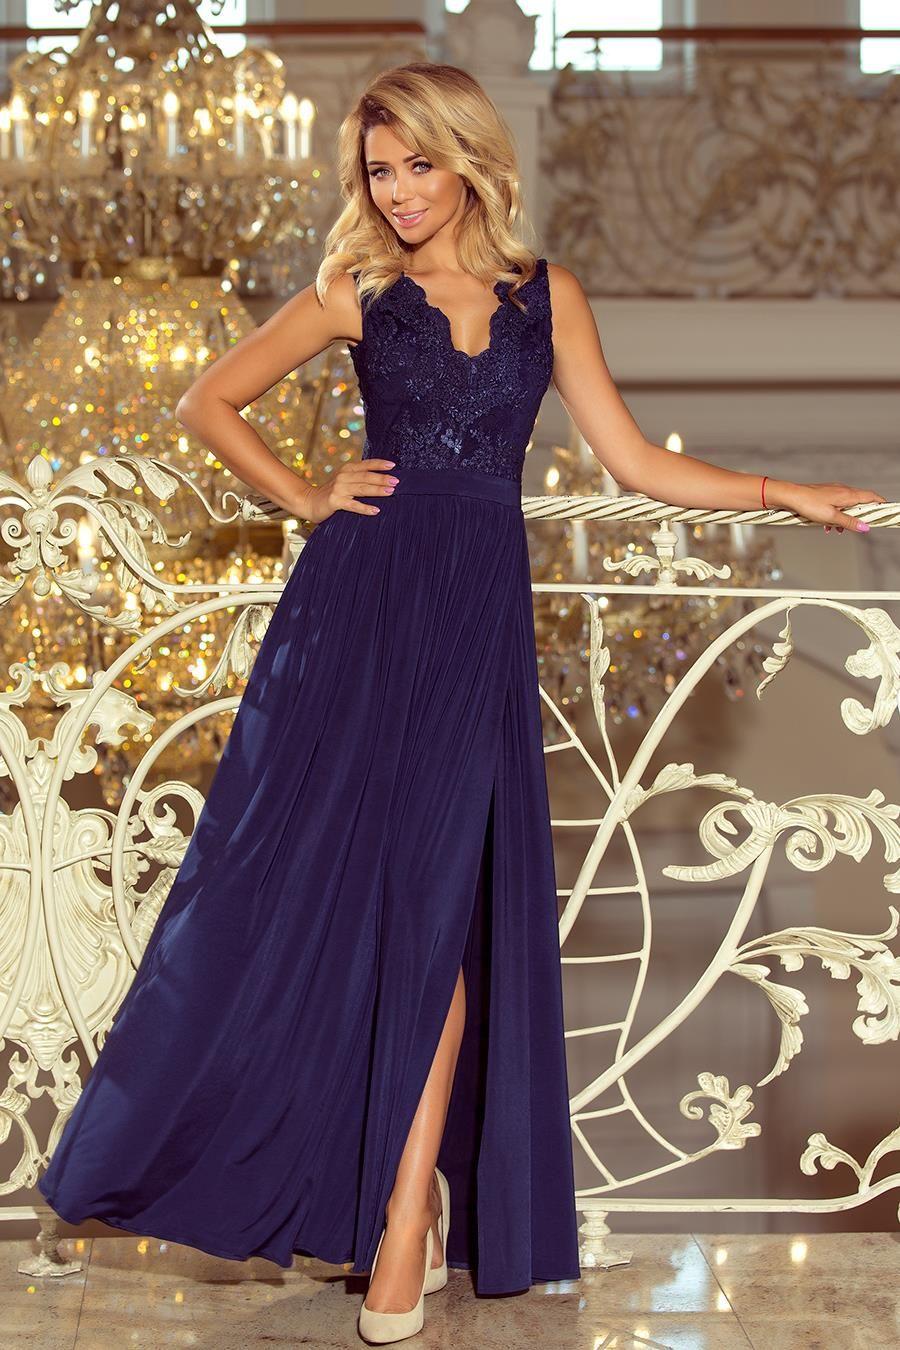 Dluga Sukienka Z Koronkowa Gora Granatowa Nu215 2 Sleeveless Long Dress Long Blue Maxi Dress Embroidered Maxi Dress